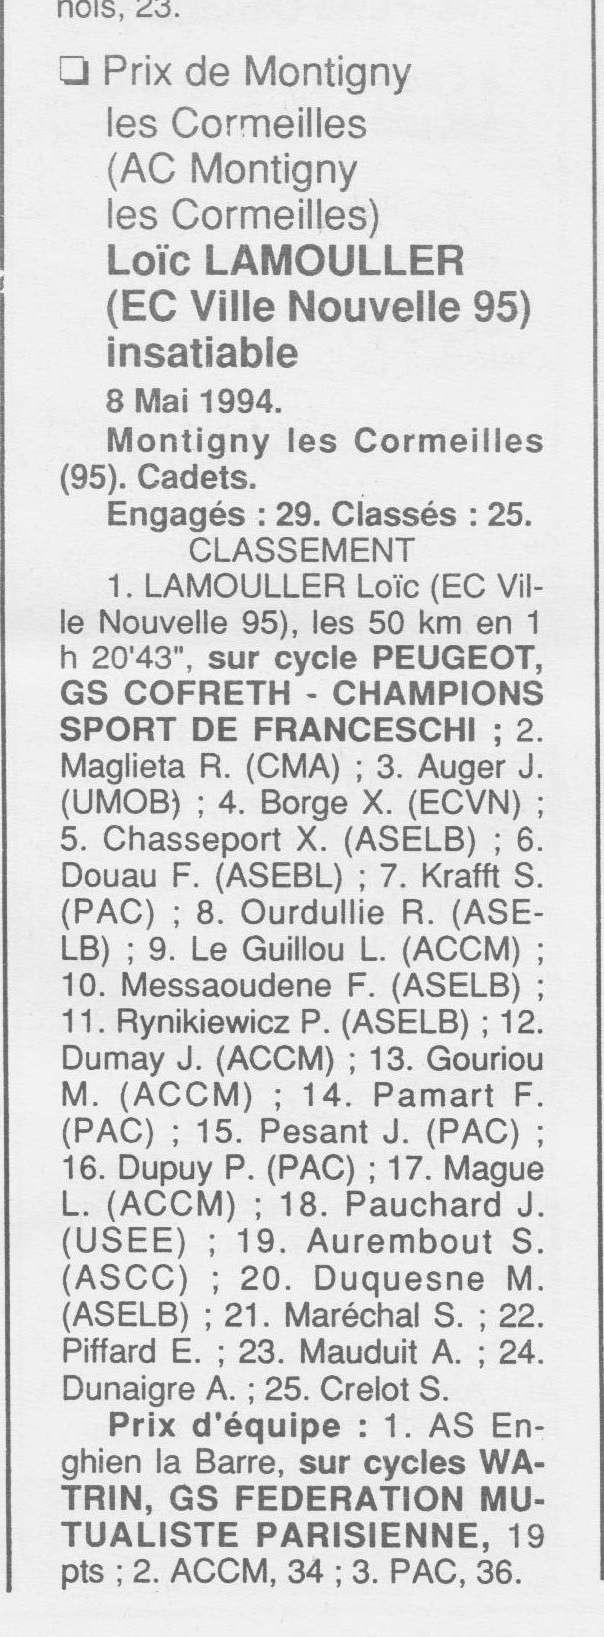 Coureurs et Clubs de Octobre 1993 à Septembre 1996 - Page 5 003_210